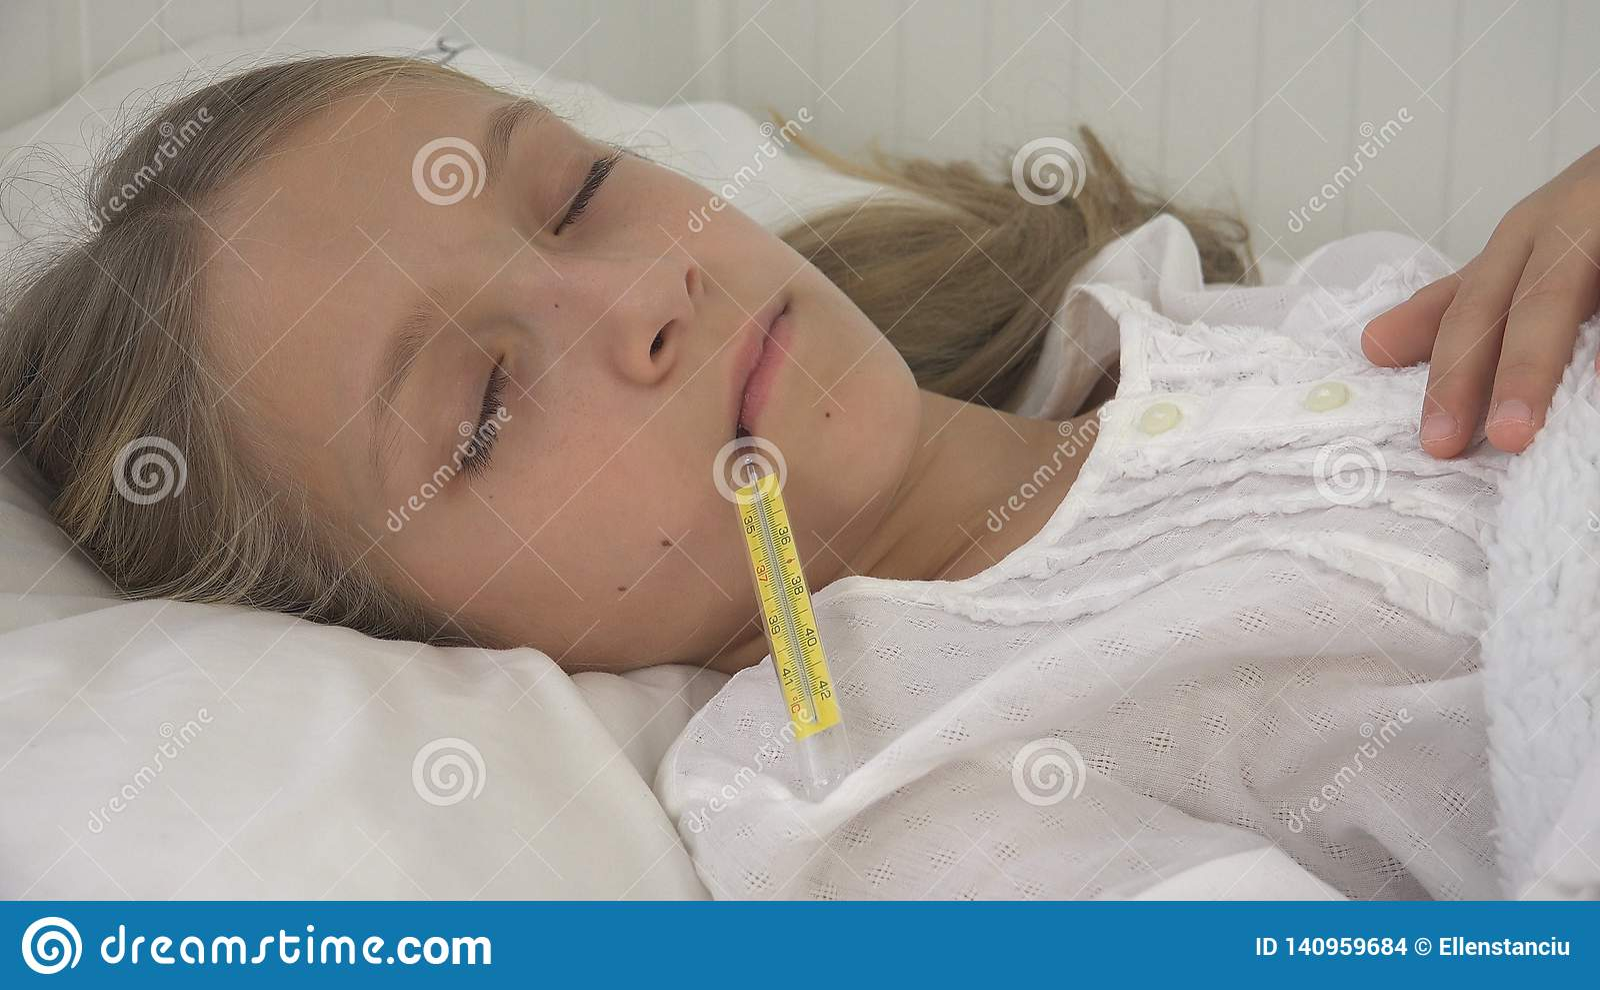 Krankes Kind im Bett, krankes Kind mit Thermometer, Mädchen im Krankenhaus, Pillen-Medizin